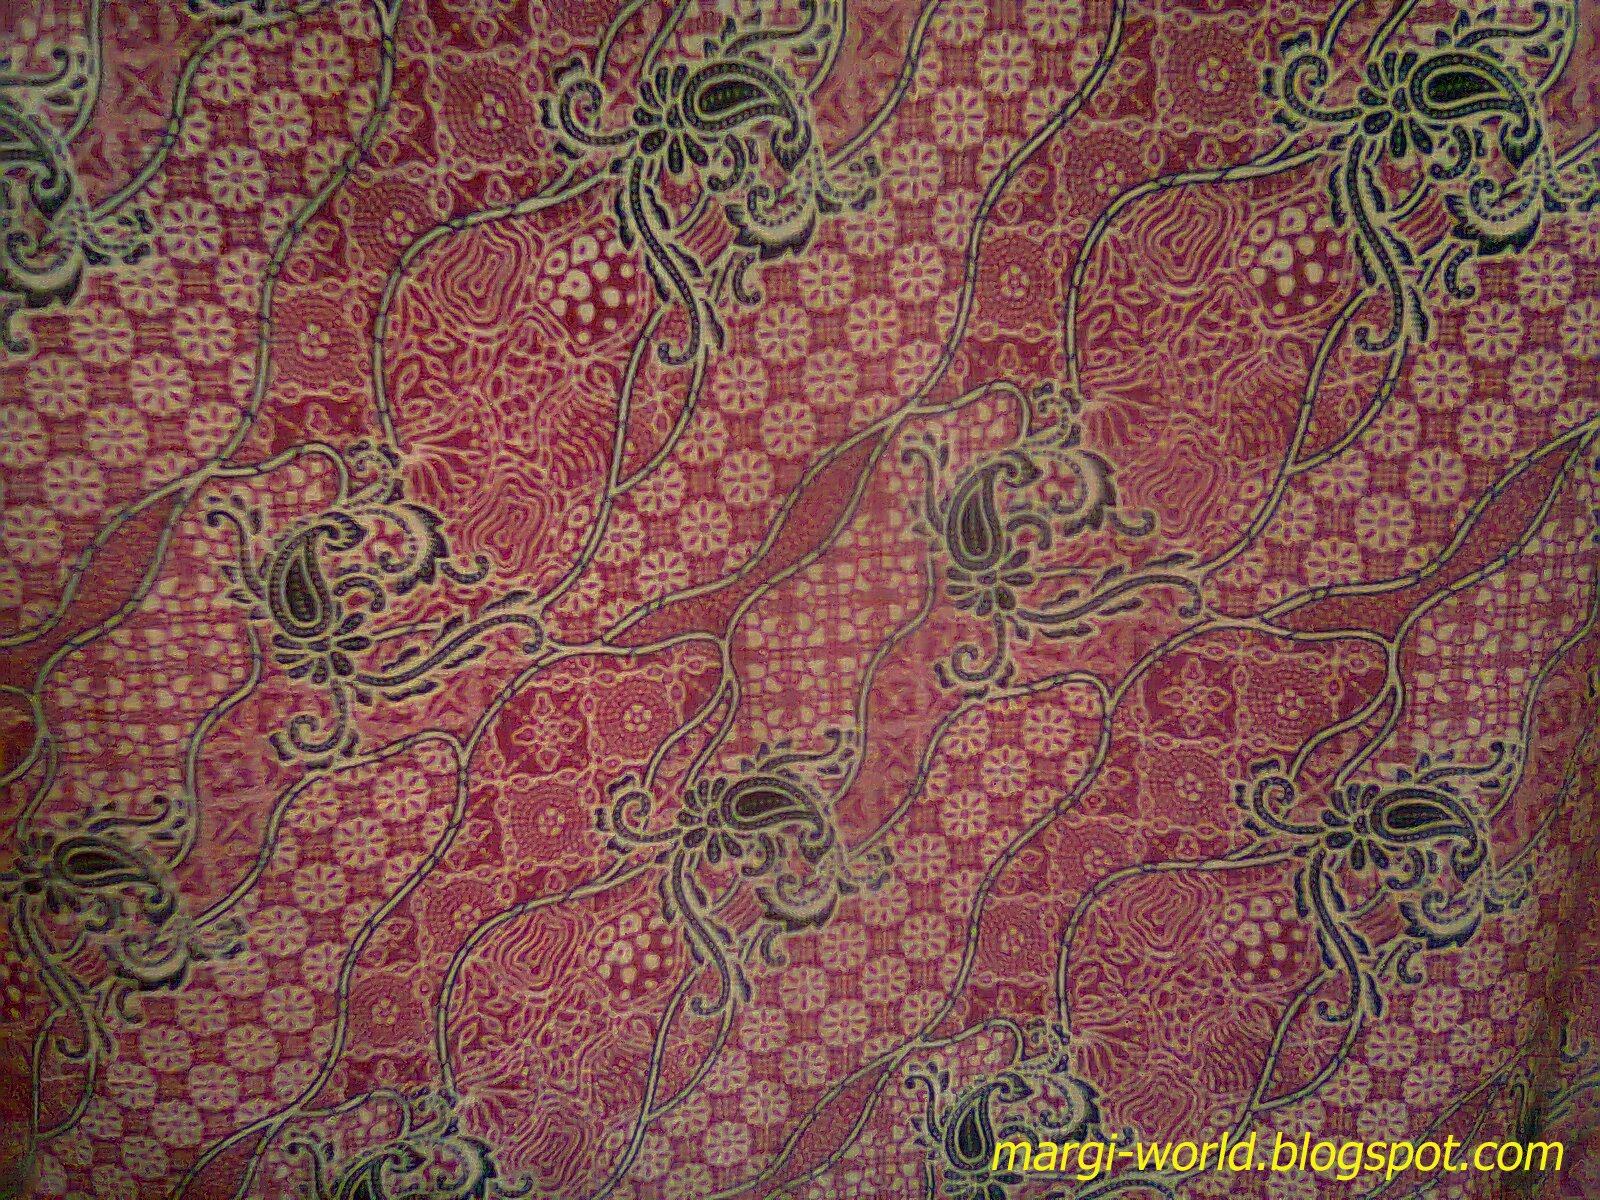 Contoh desain batik gaul sebagai trend warna di tahun ini